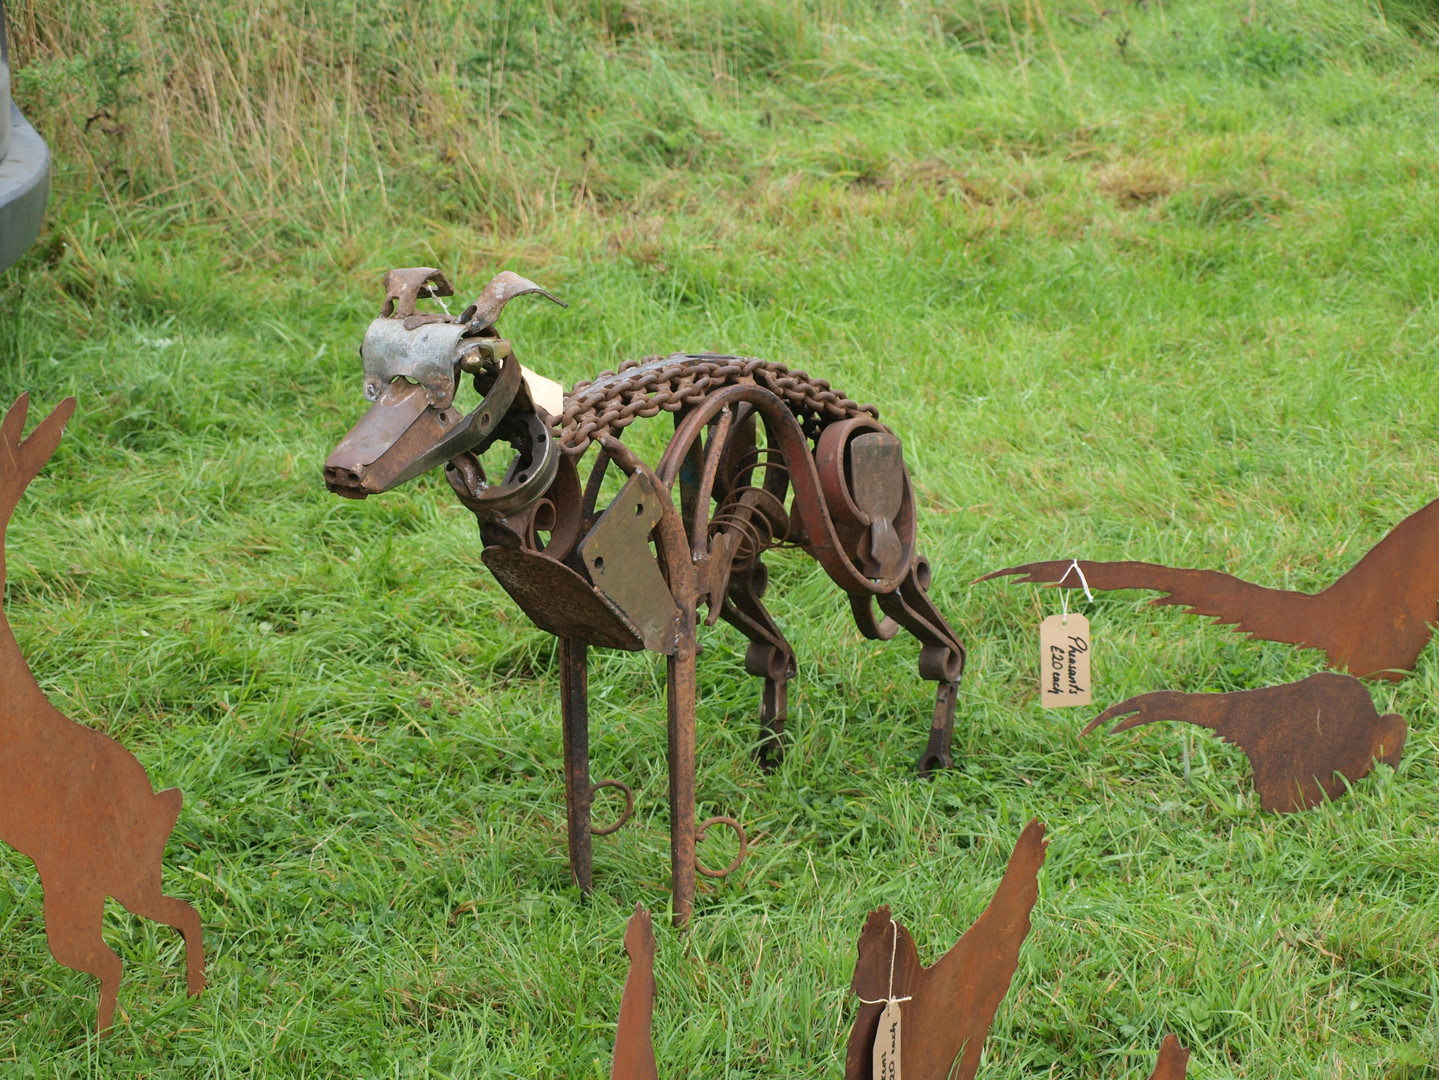 Metal sculpture dog